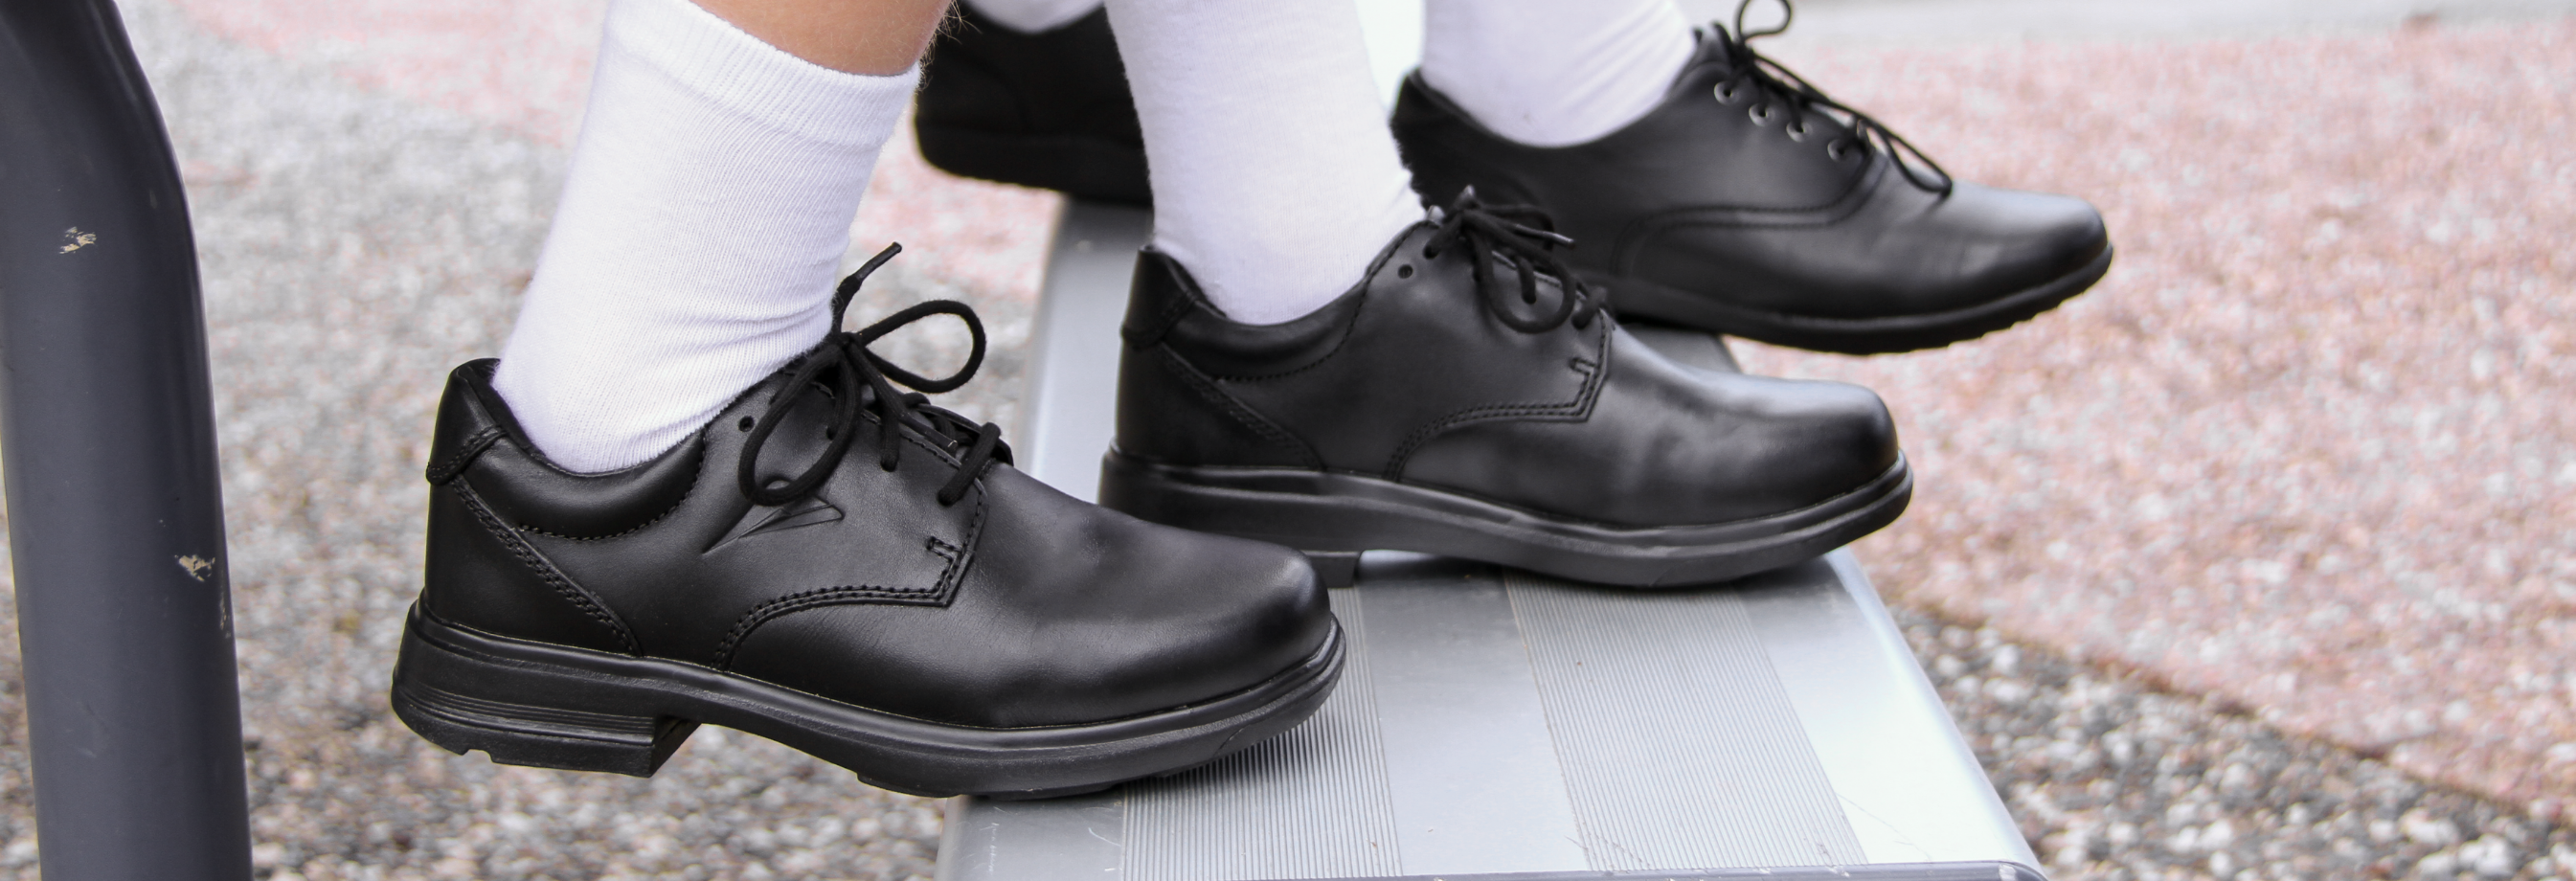 School - Ascent Footwear